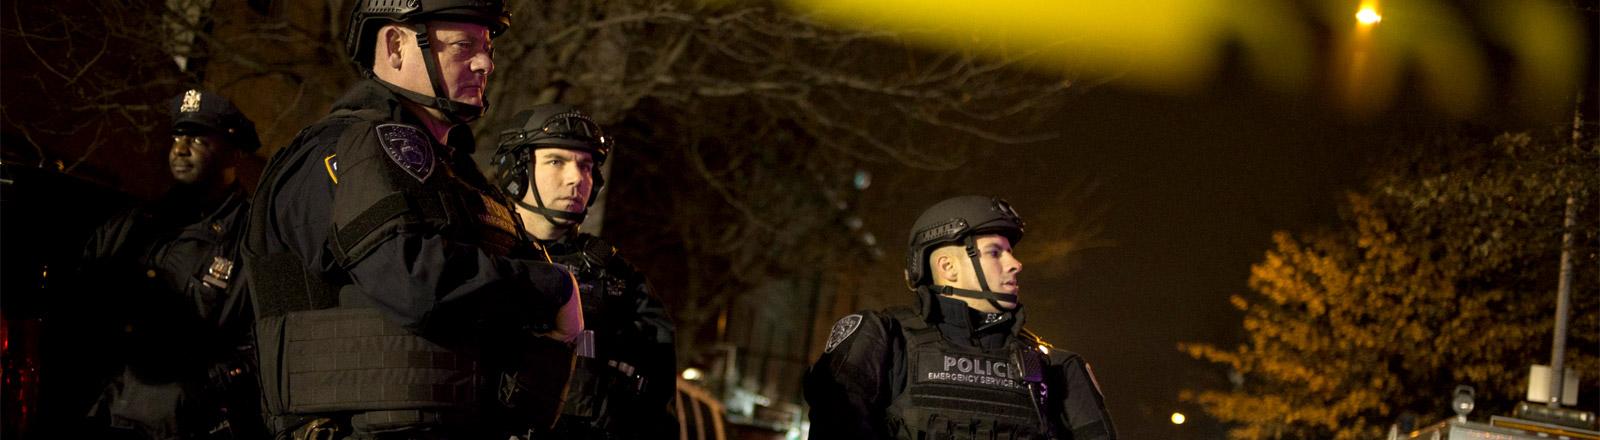 Drei Polizisten der NYPD